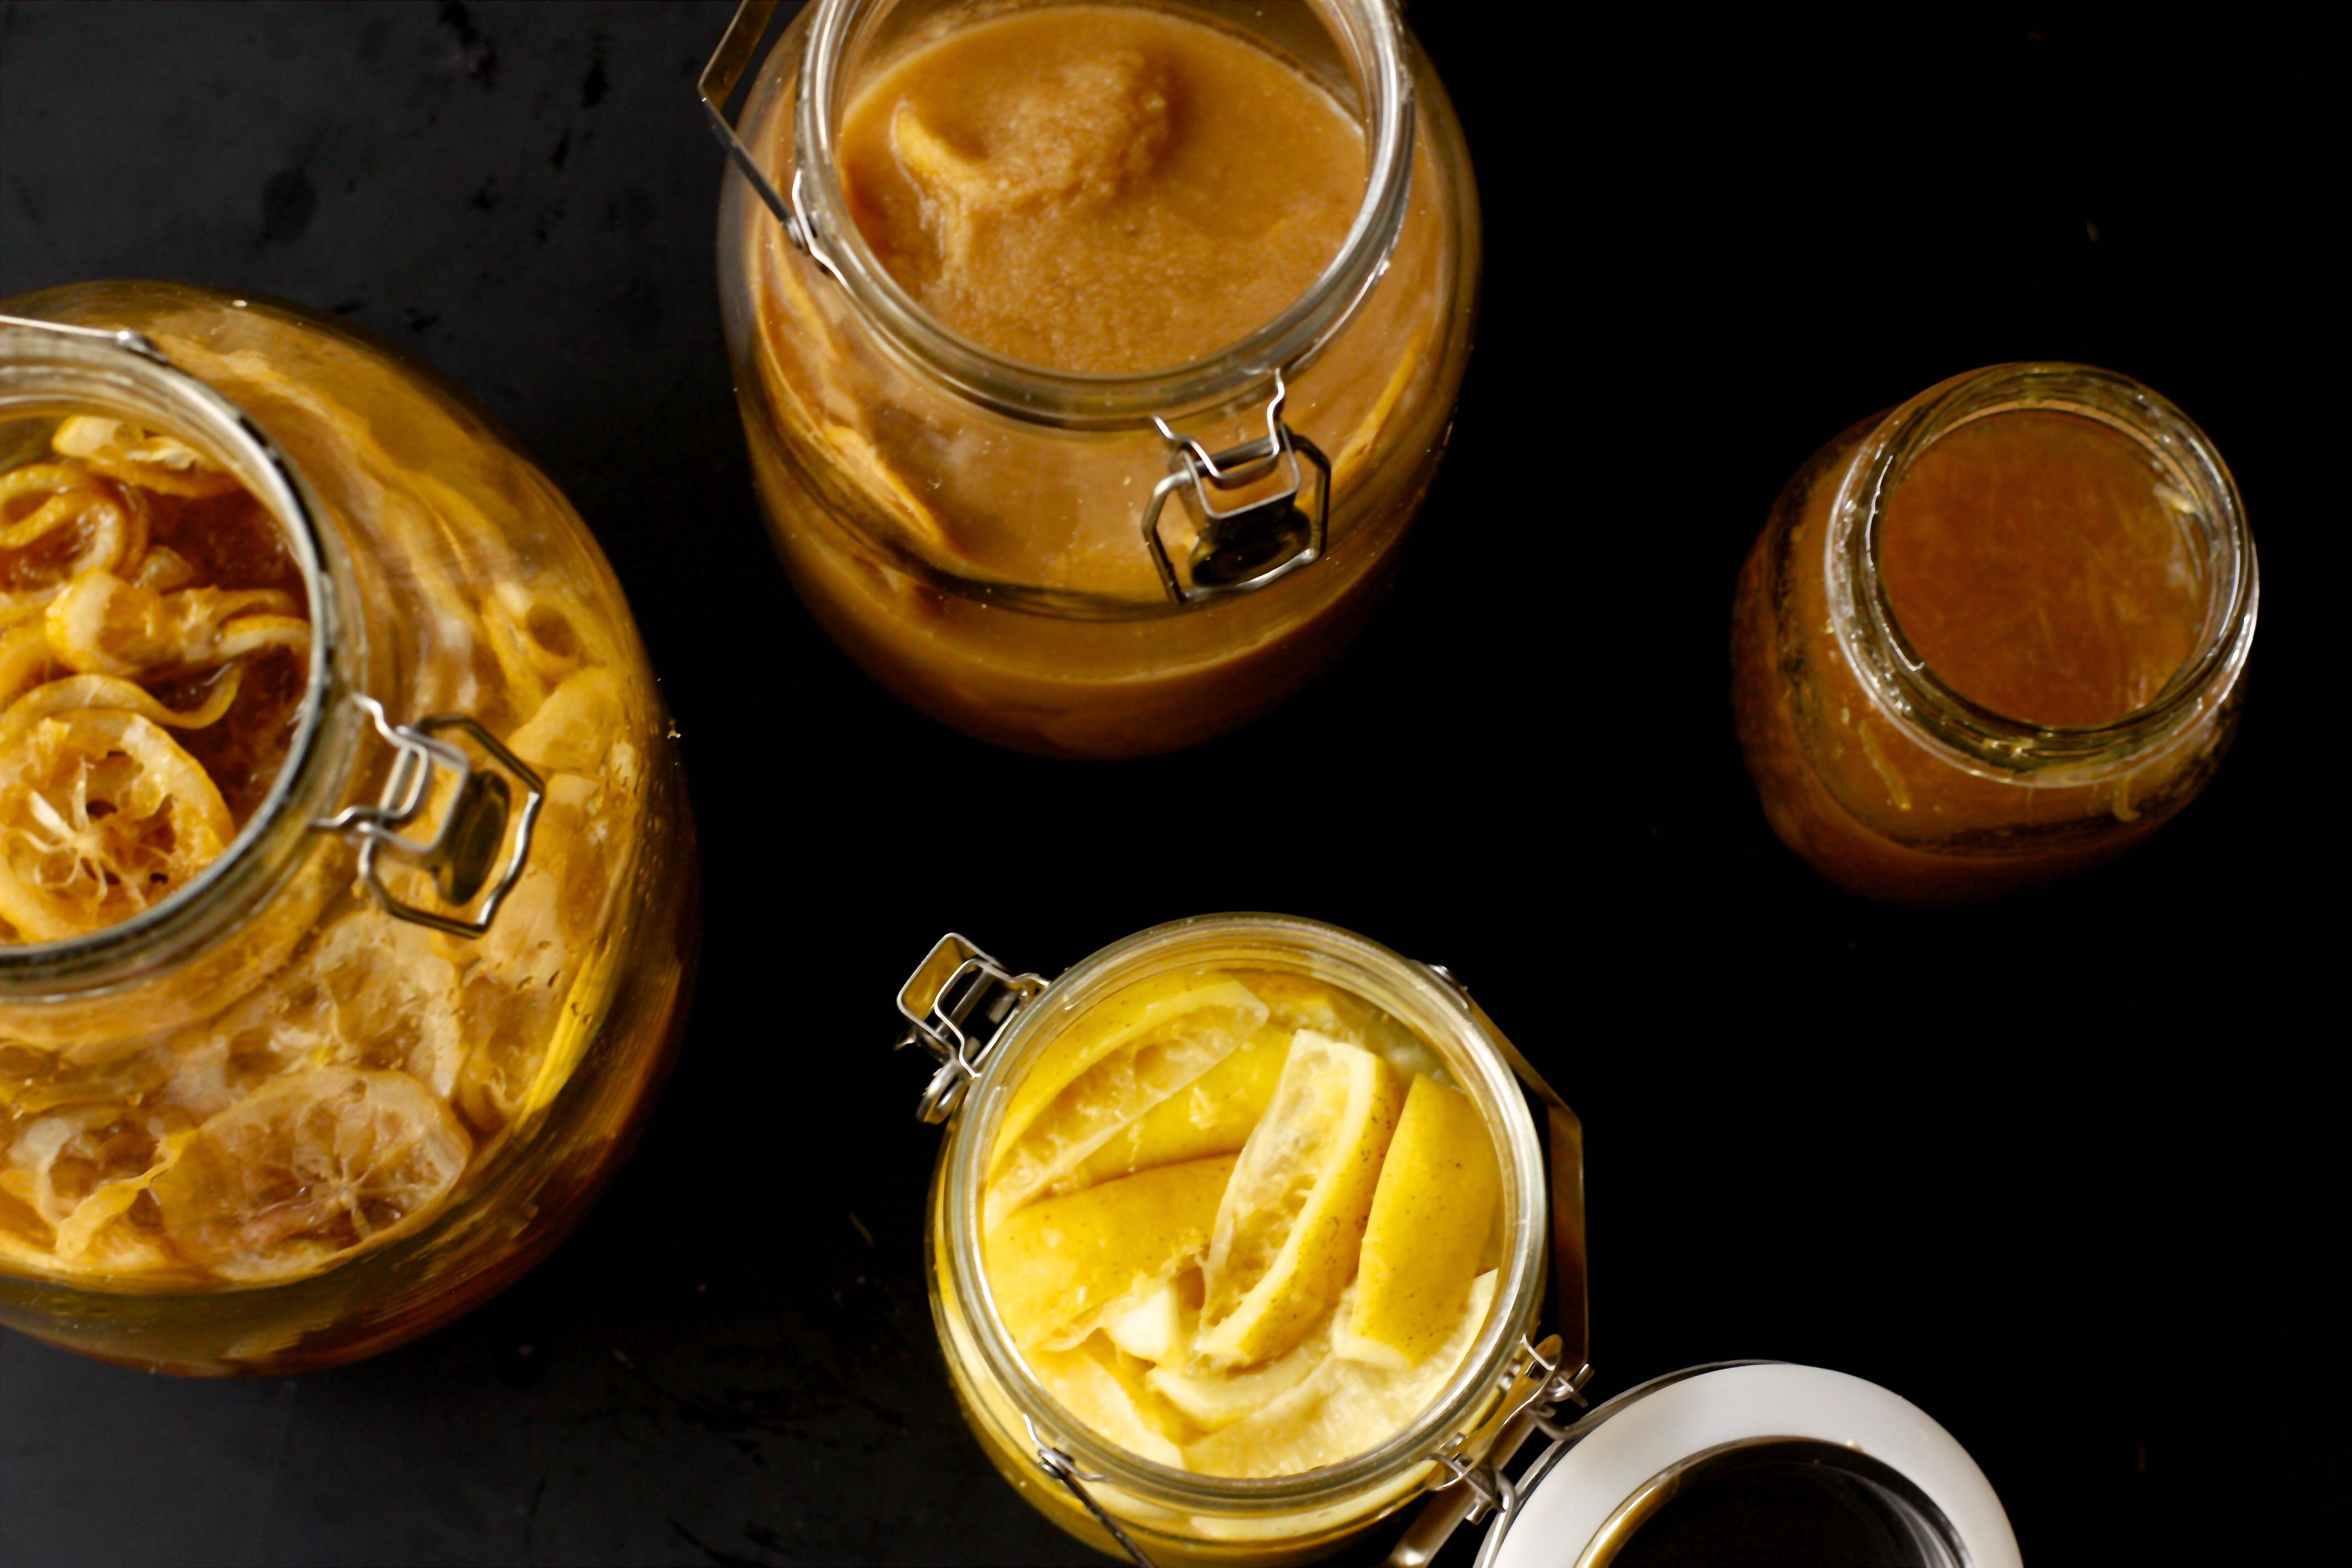 疲れた体にご褒美!夏にぴったりなレモンの酵素シロップ|感じる世界 美味しい時間 <br>|by TOːRI Maki Aikou